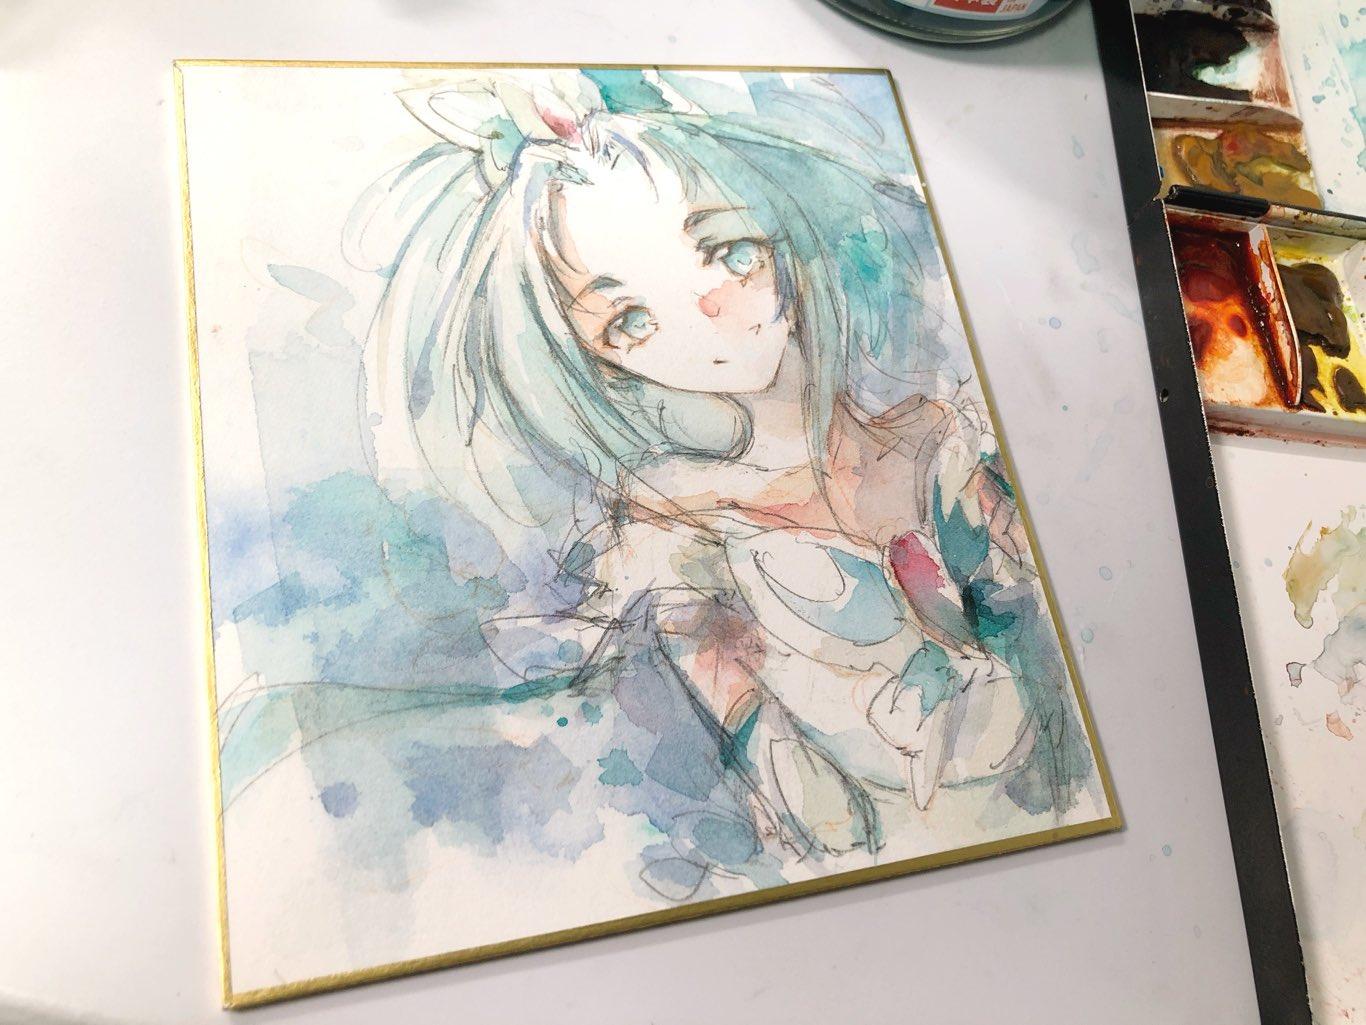 JP@まつりこまち14/レイフレF26 (@jplee)さんのイラスト